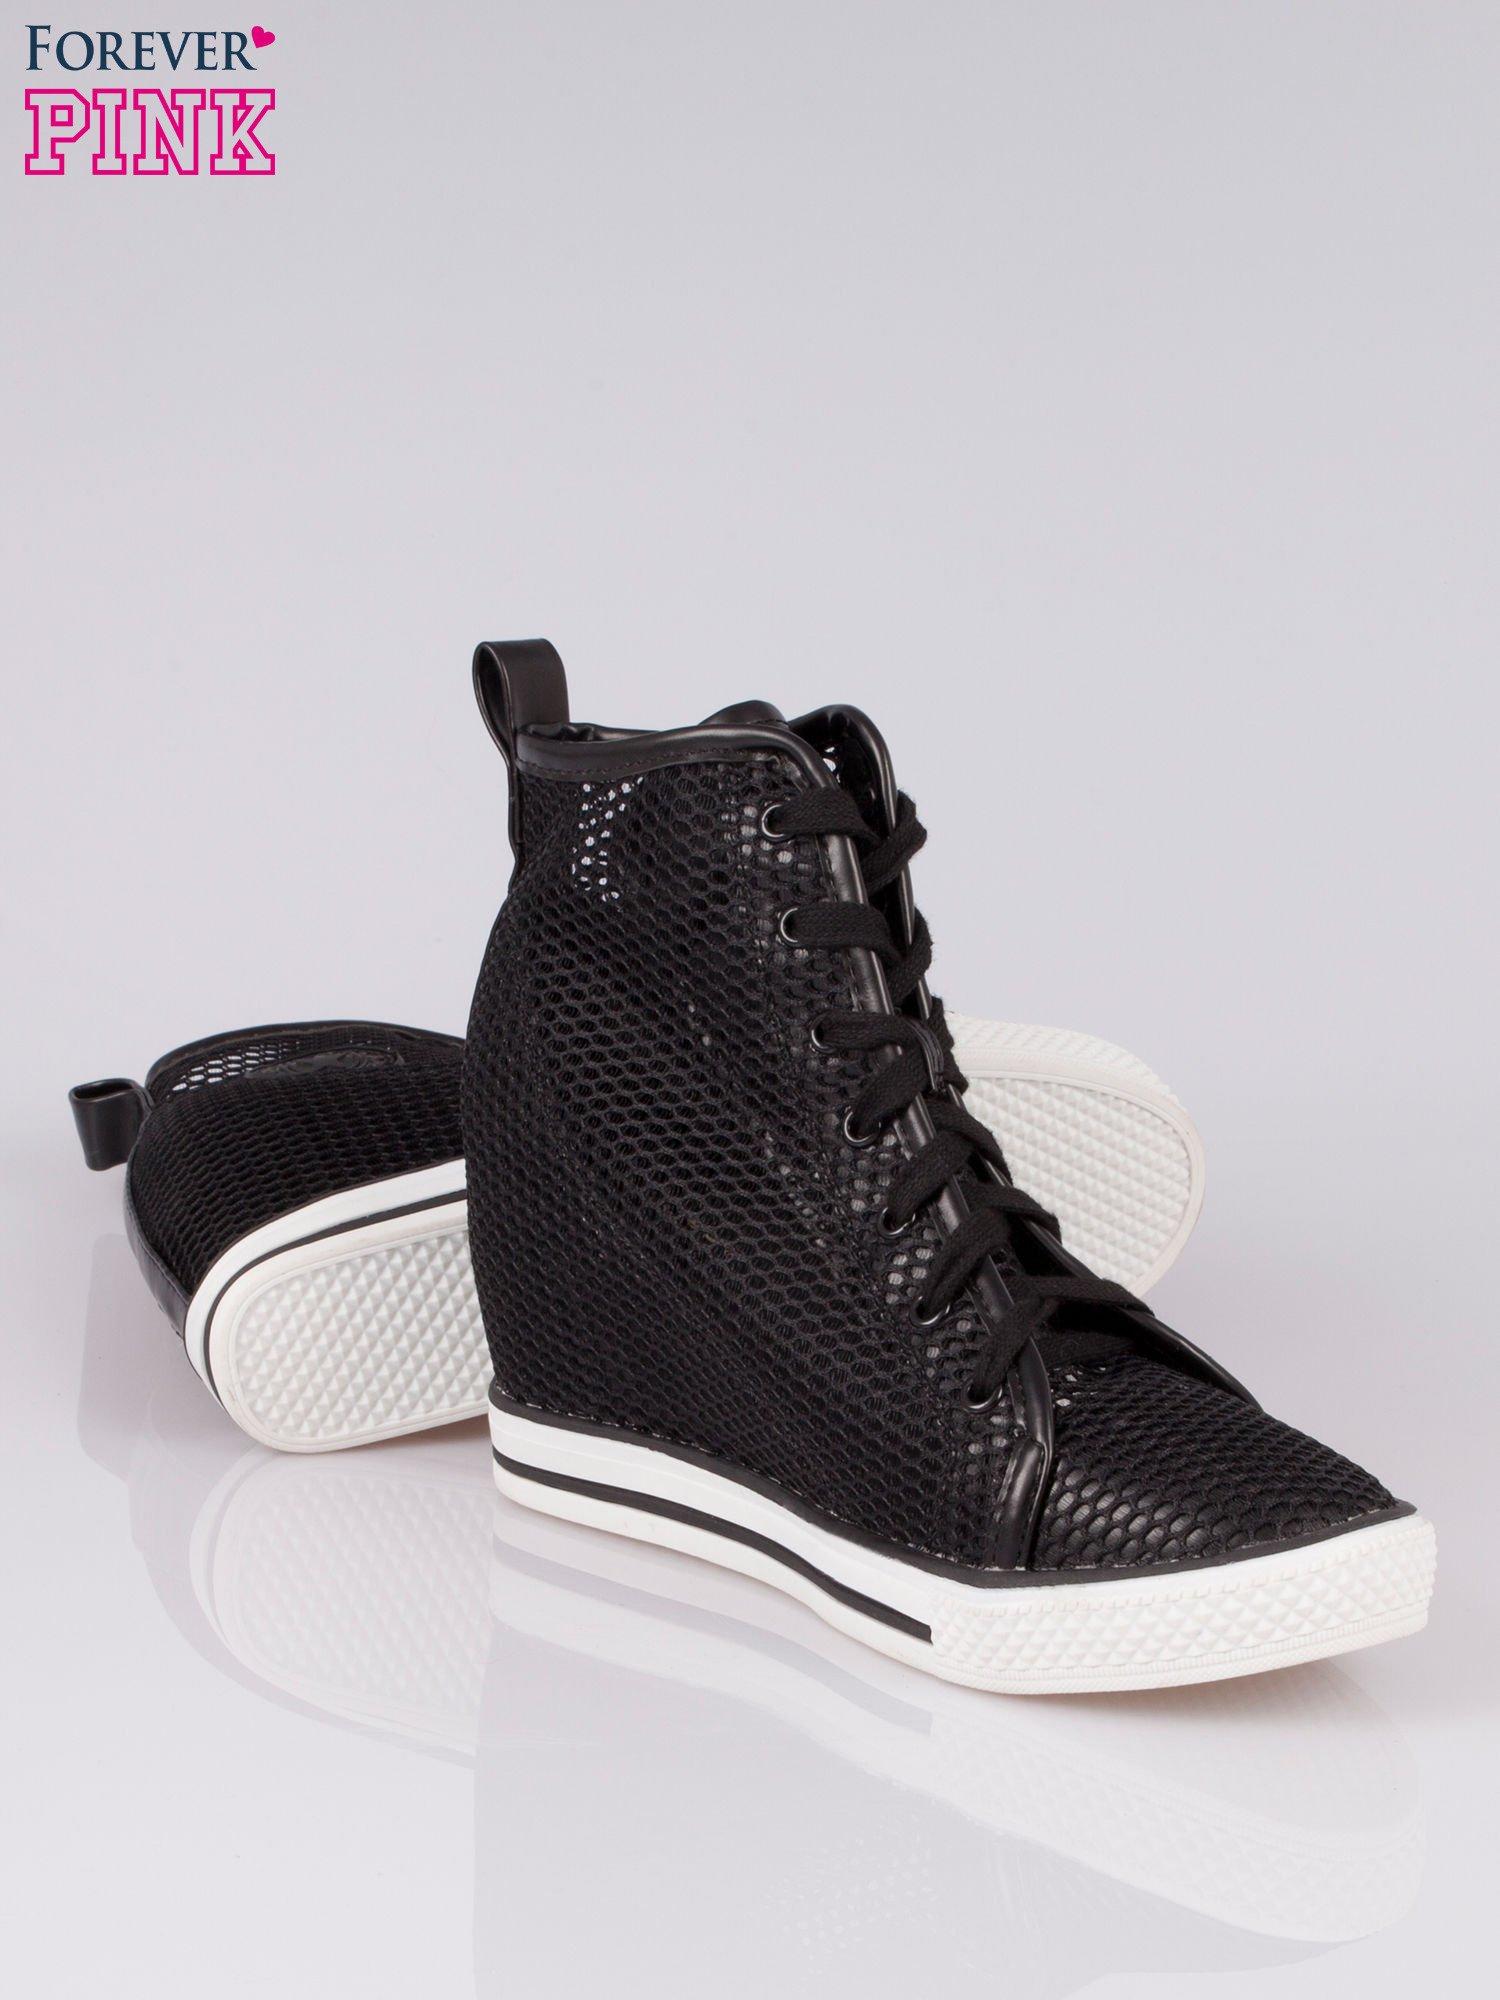 Czarne siateczkowe sneakersy damskie                                  zdj.                                  4